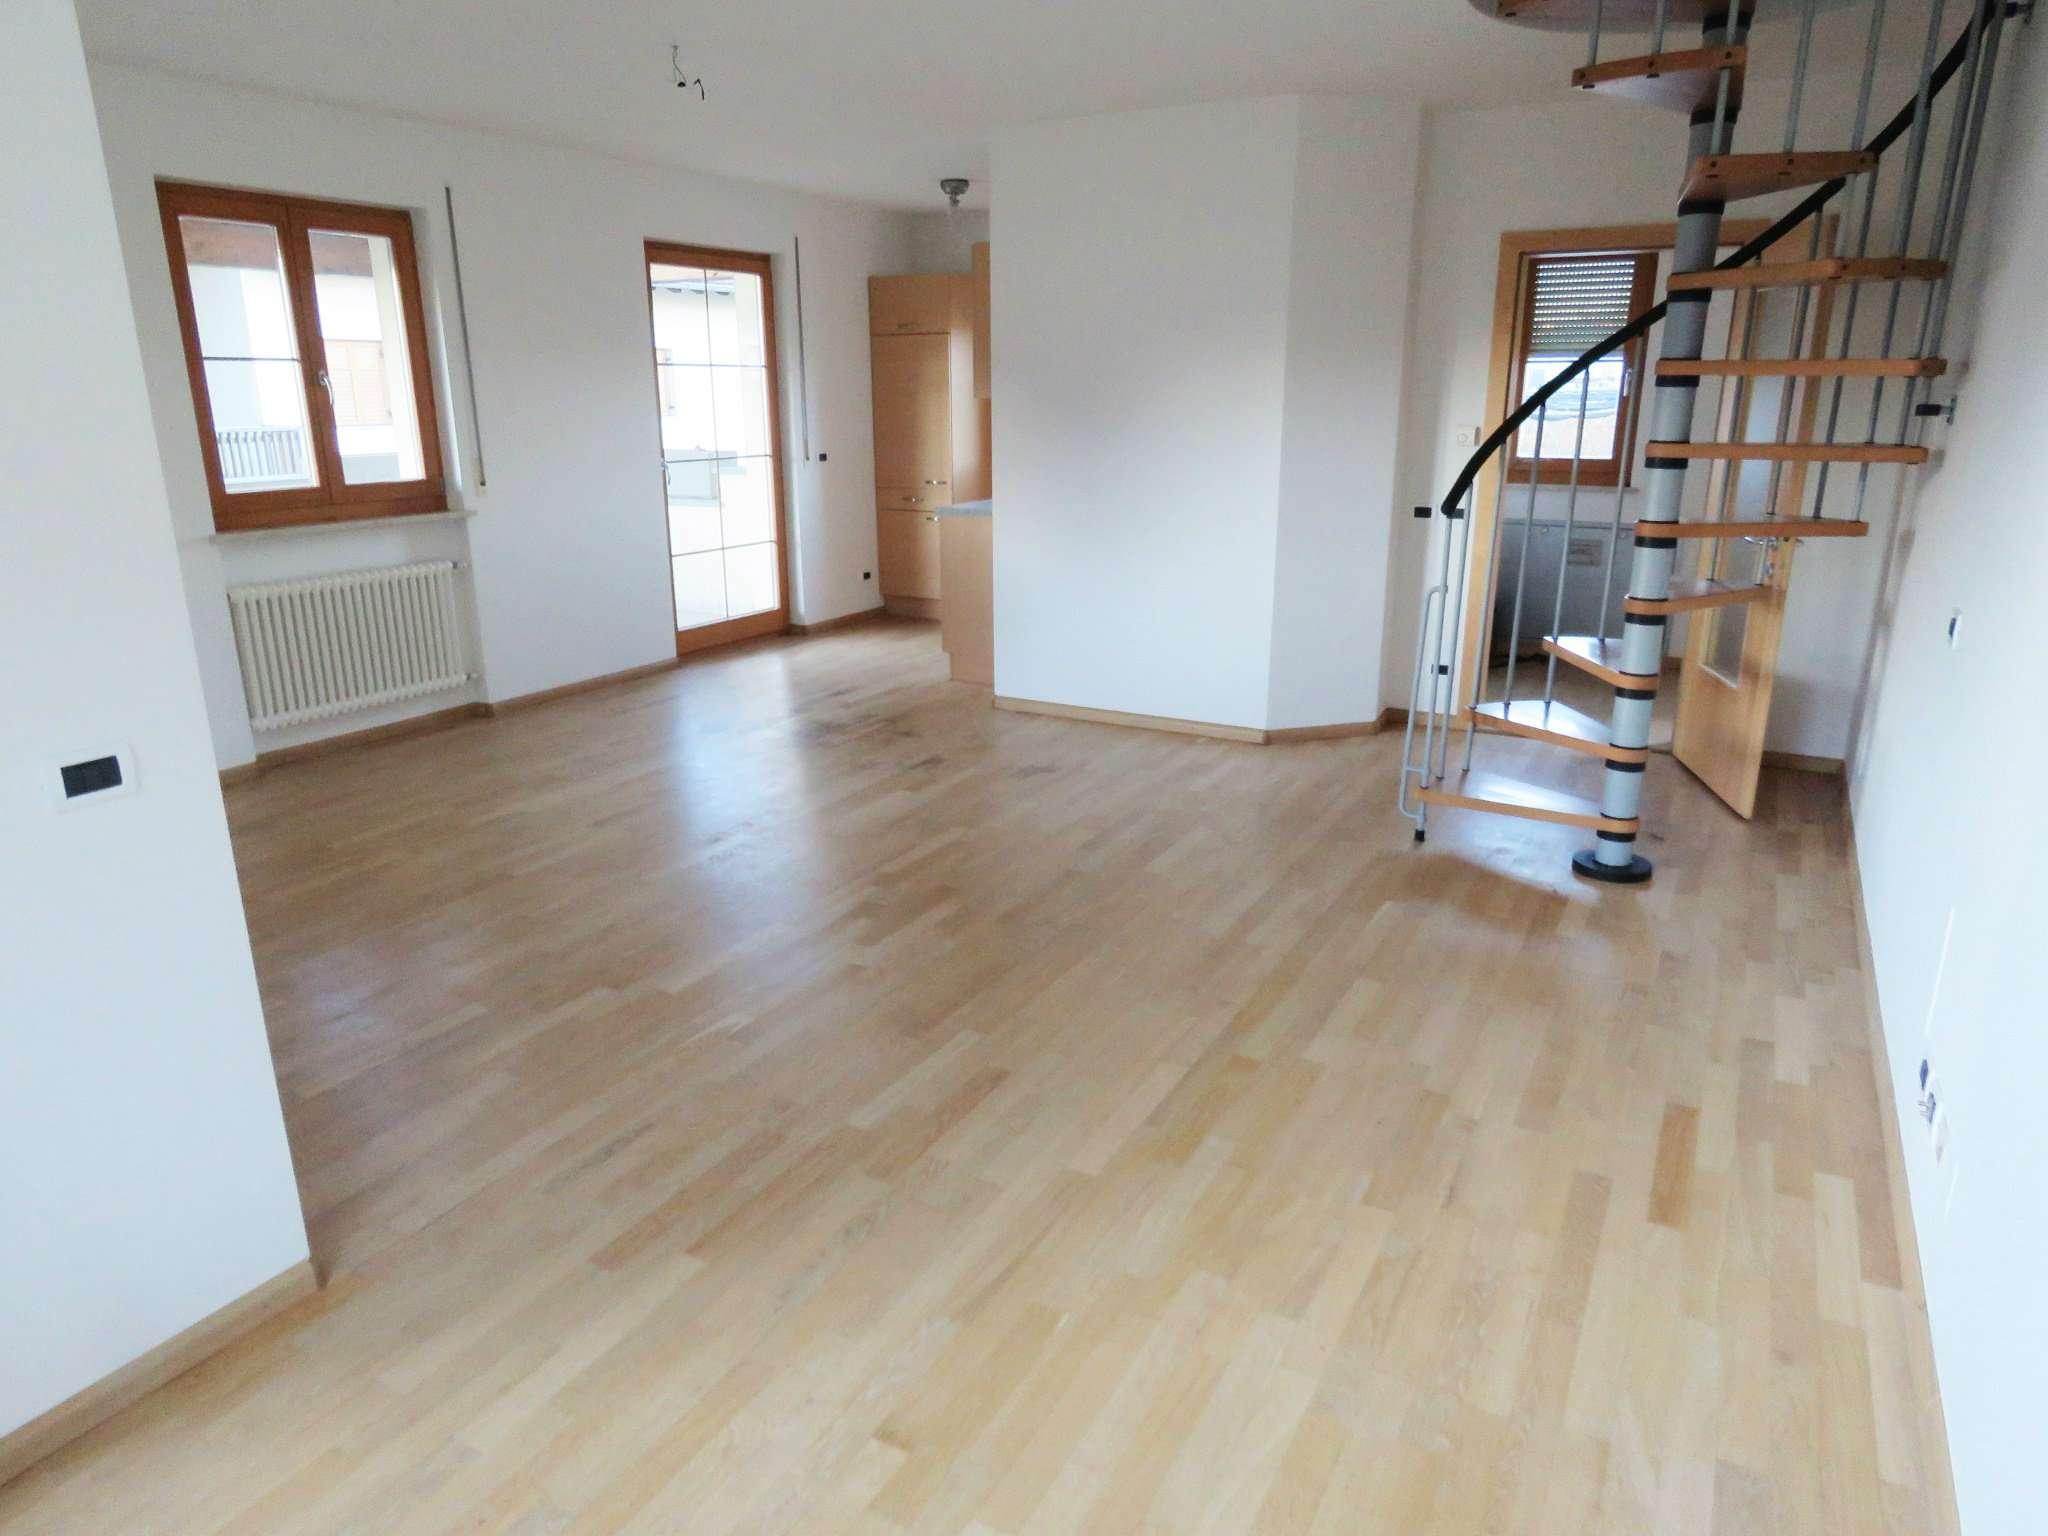 Attico / Mansarda in vendita a Egna, 3 locali, prezzo € 230.000 | Cambio Casa.it